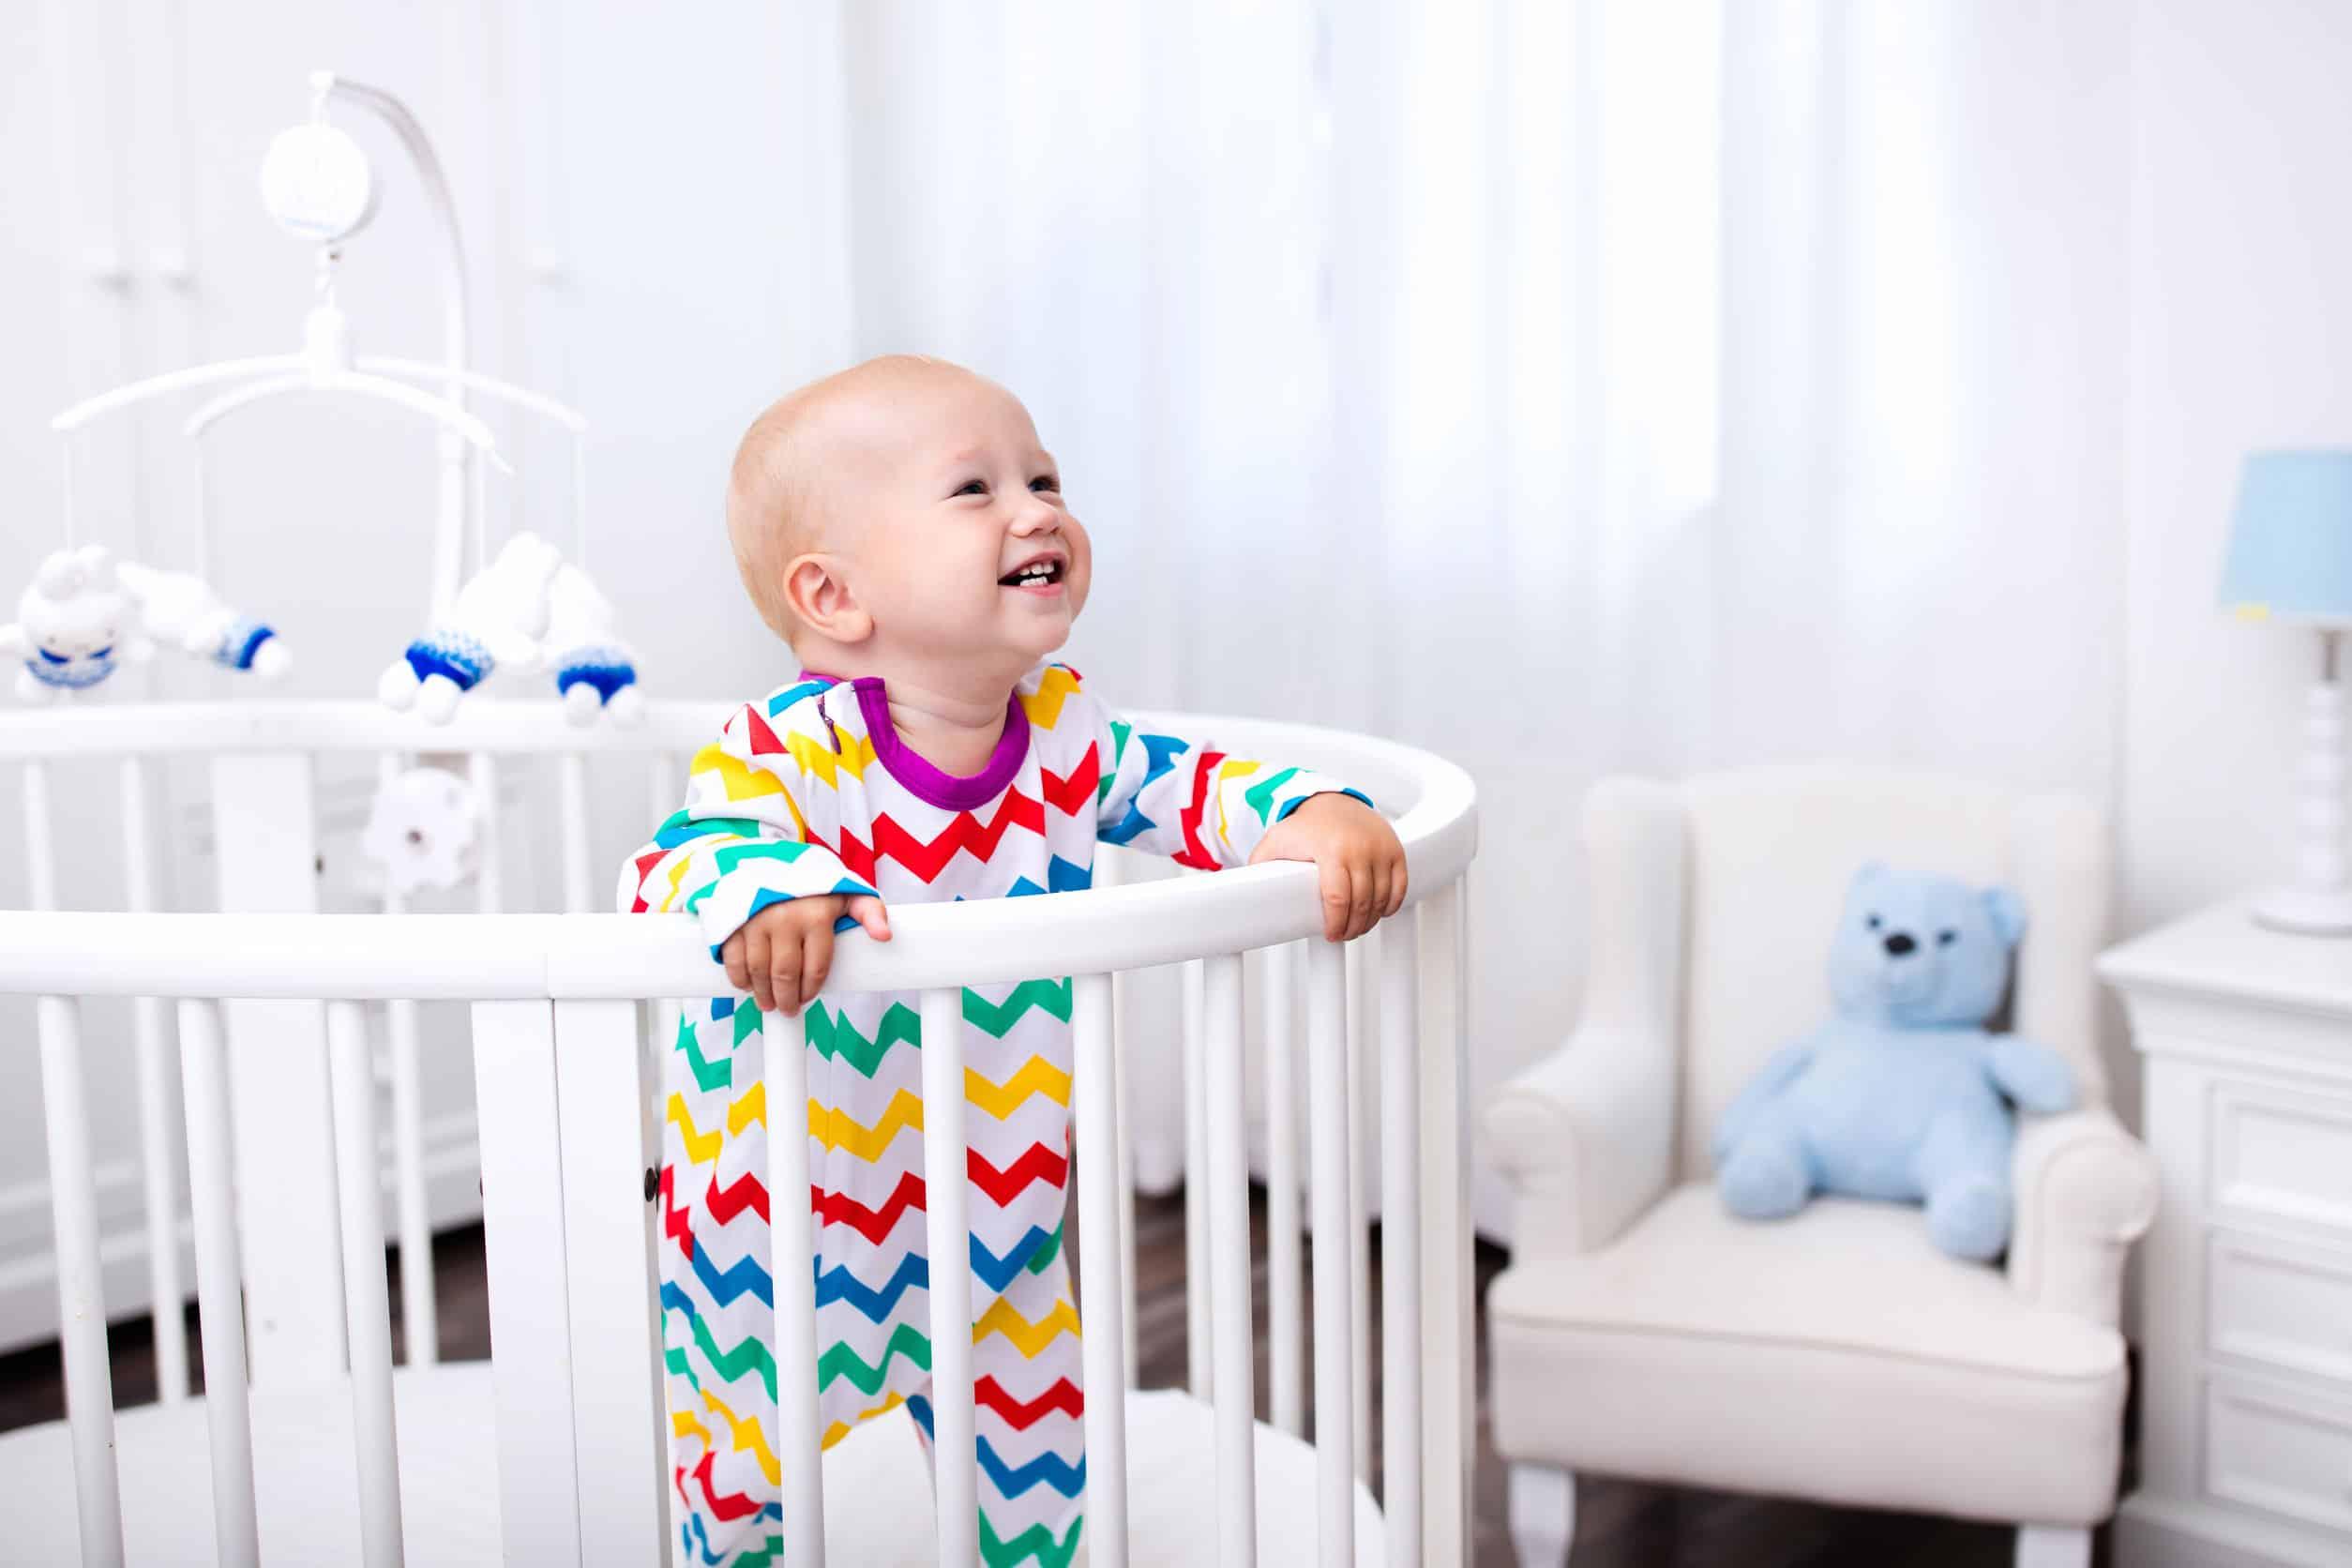 Bebê sorri dentro de um berço com grade